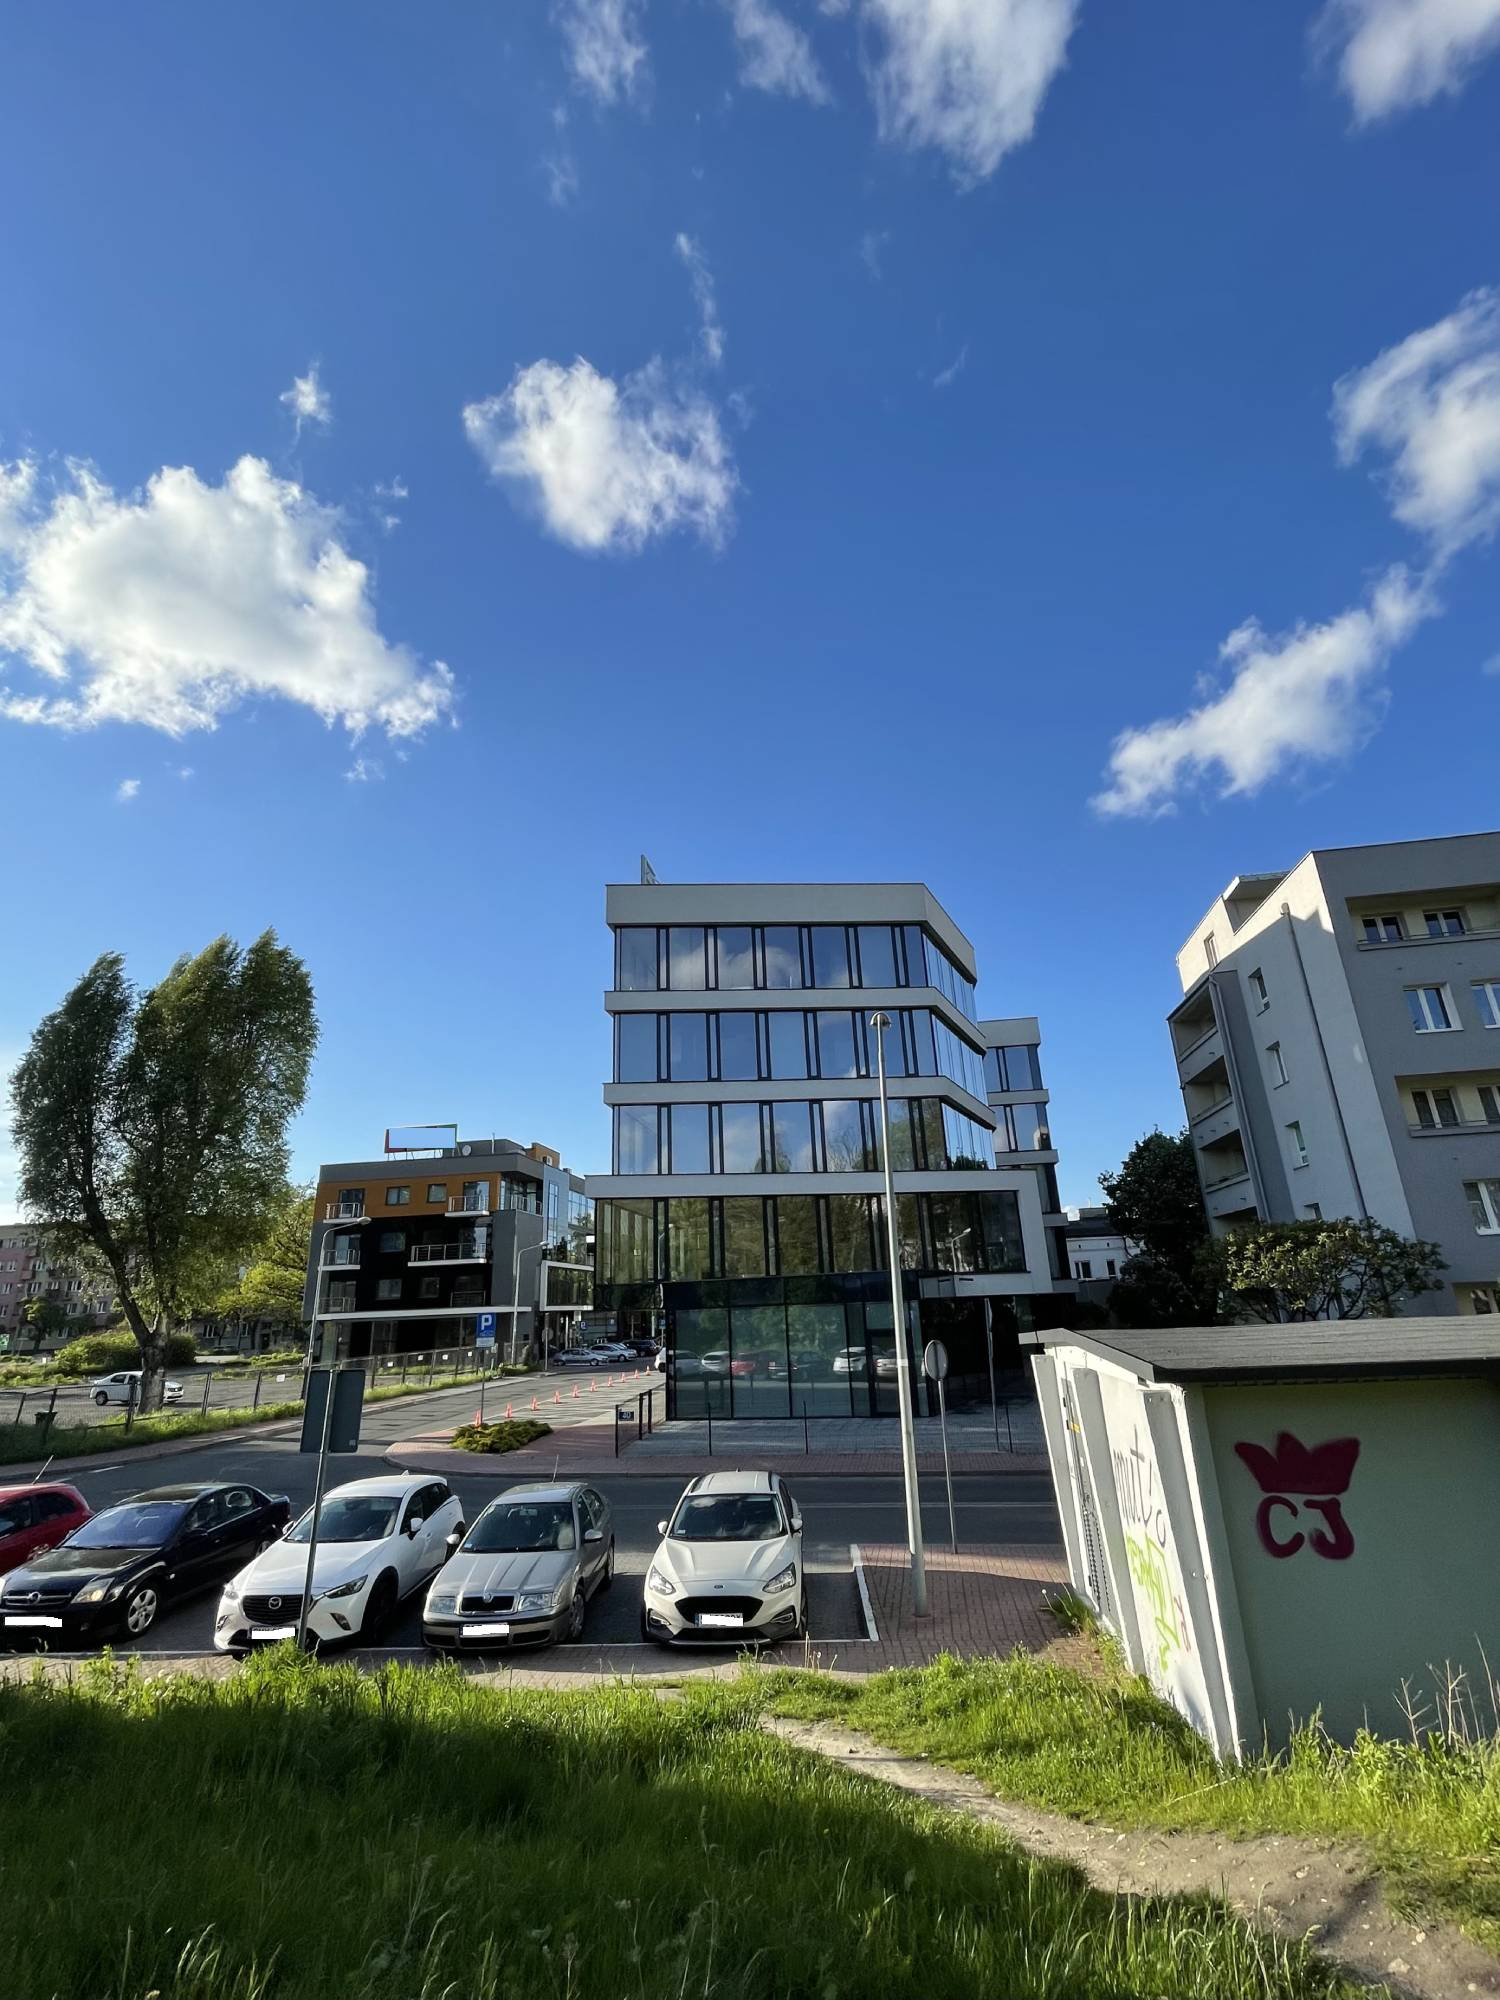 budynek obiektyw ultraszerokokątny